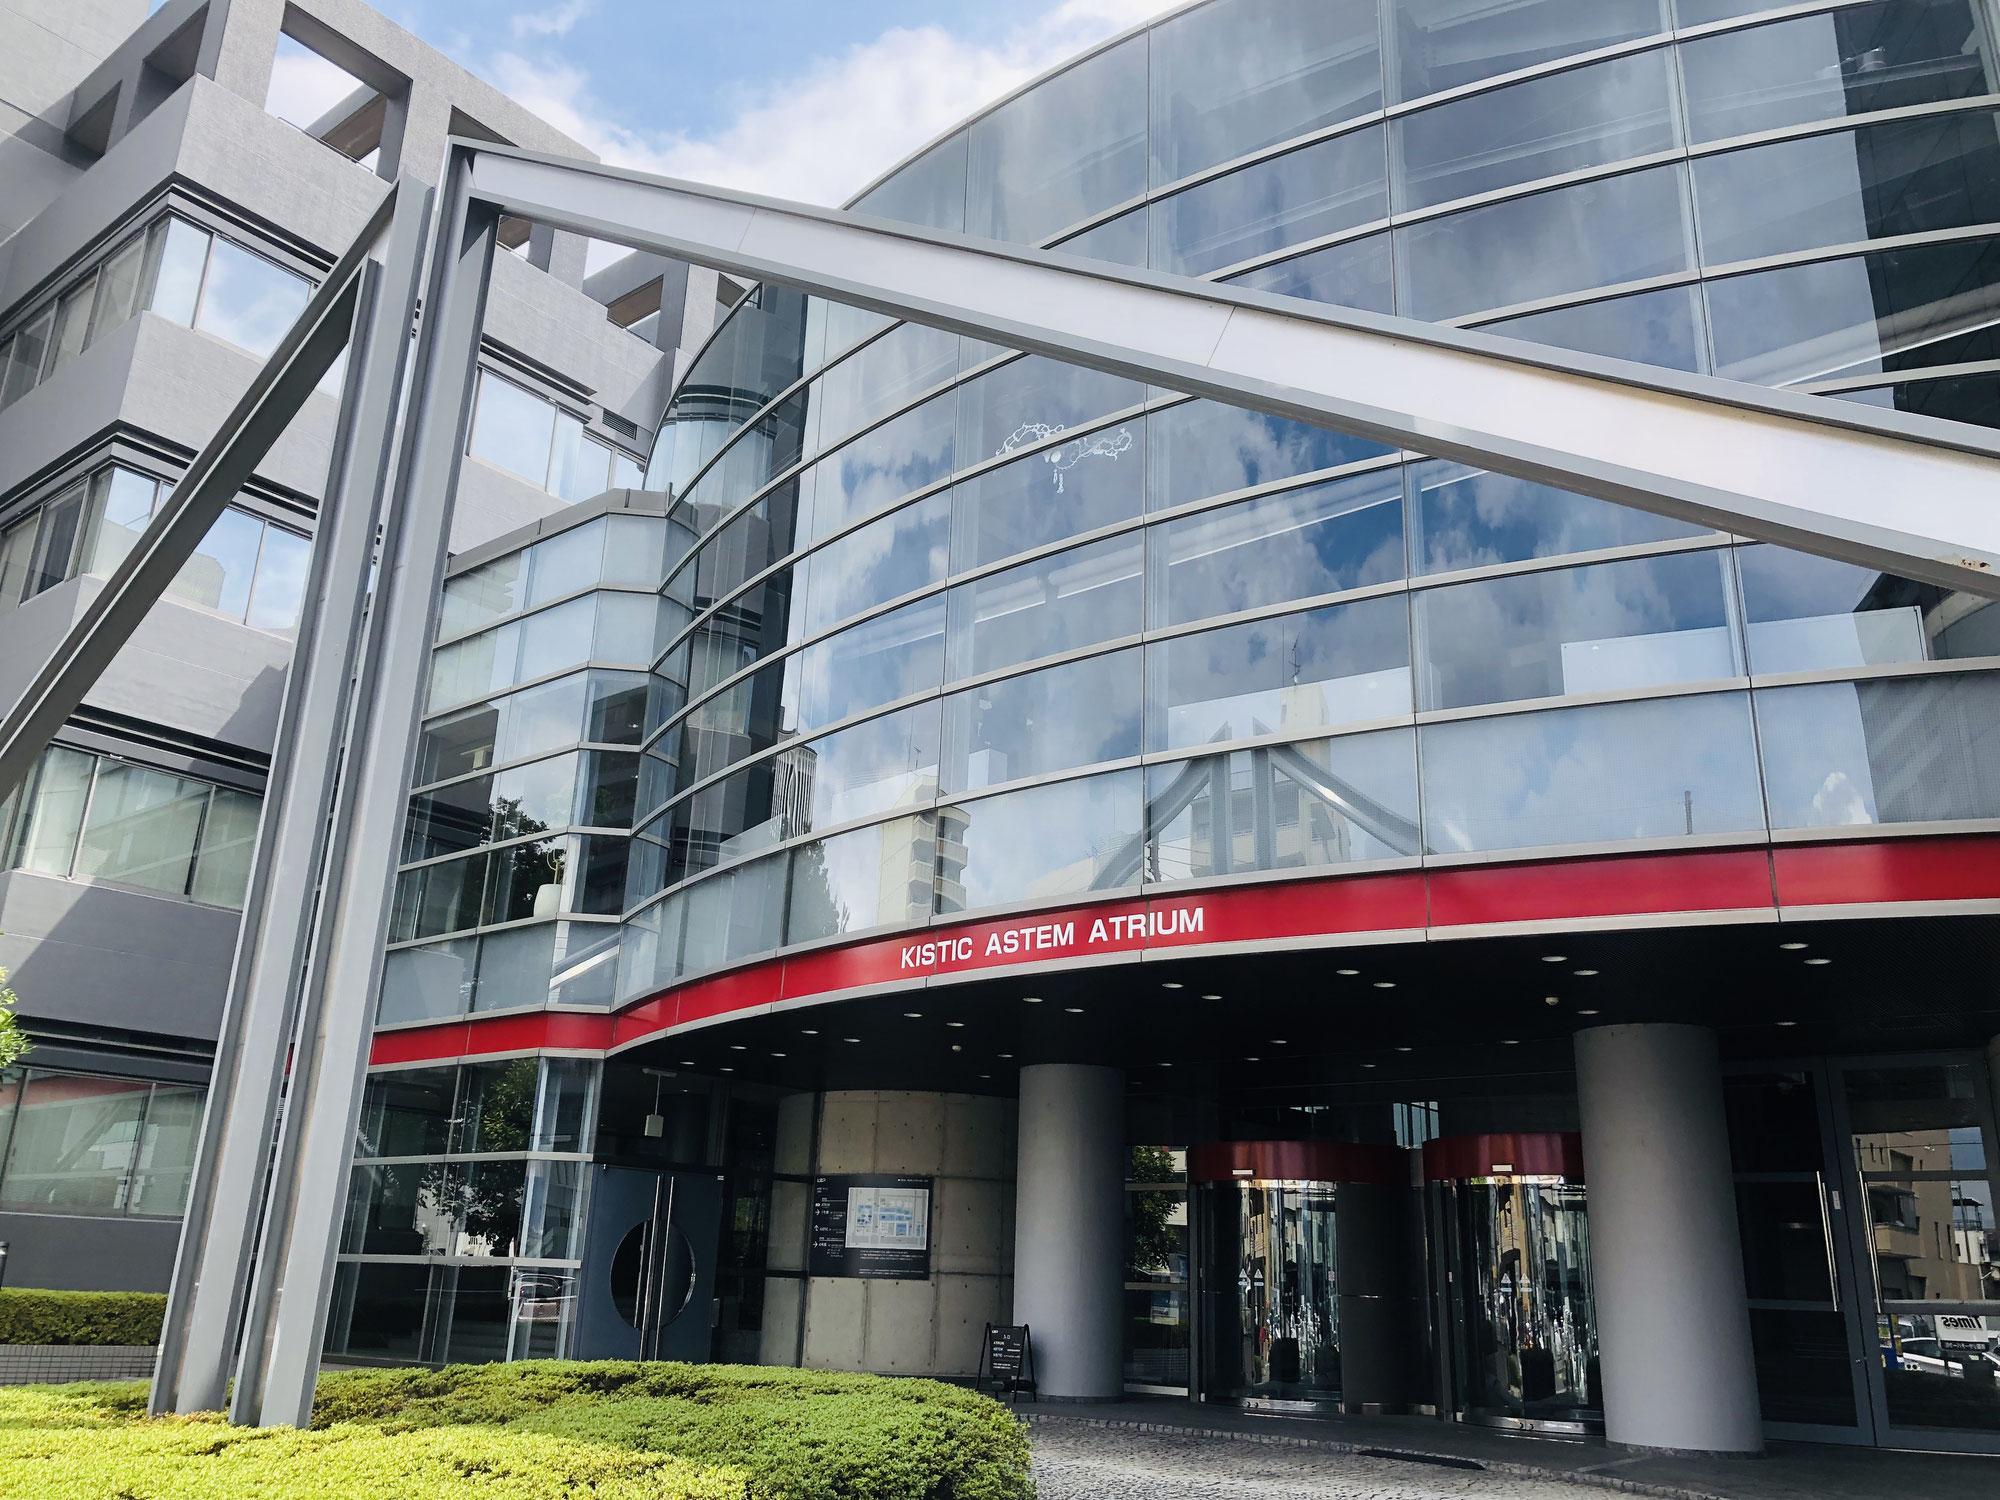 京都リサーチパークによる職域接種会場の提供